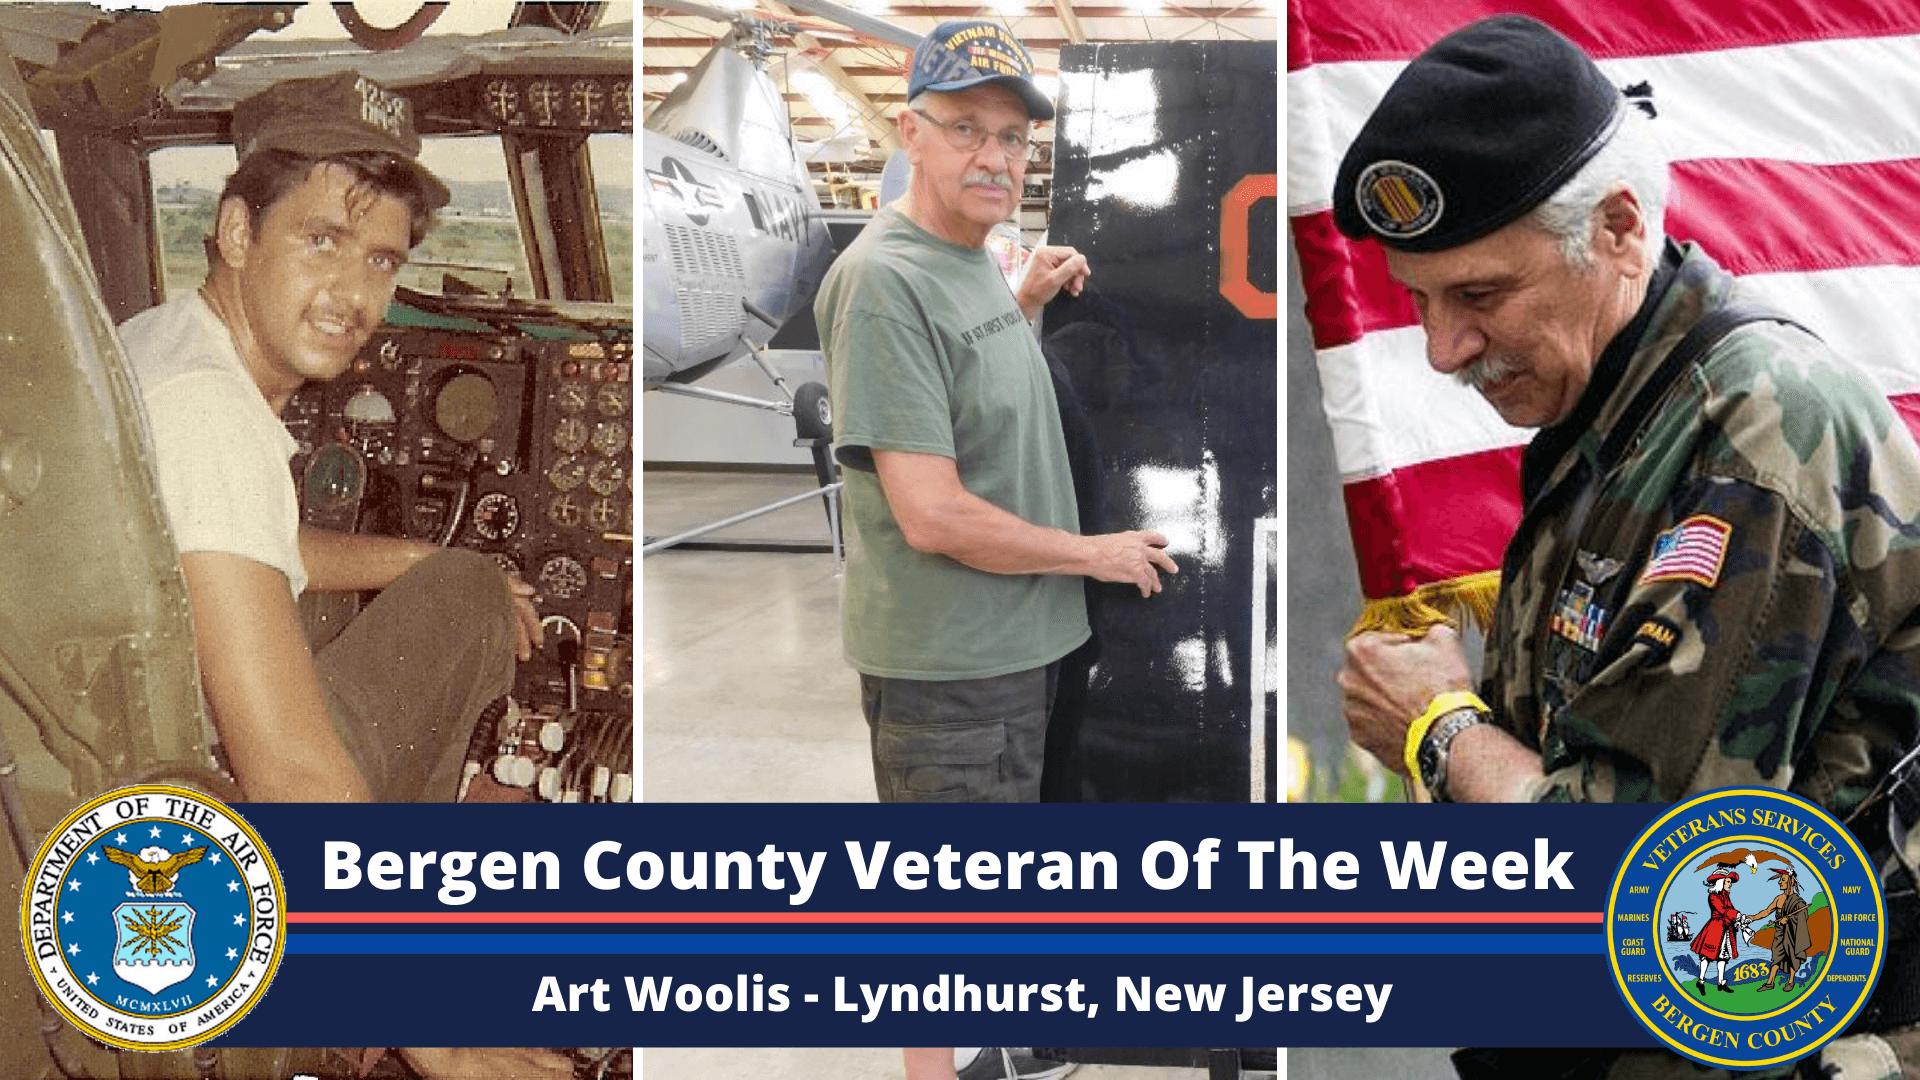 Bergen County Veteran of the Week: Art Woolis